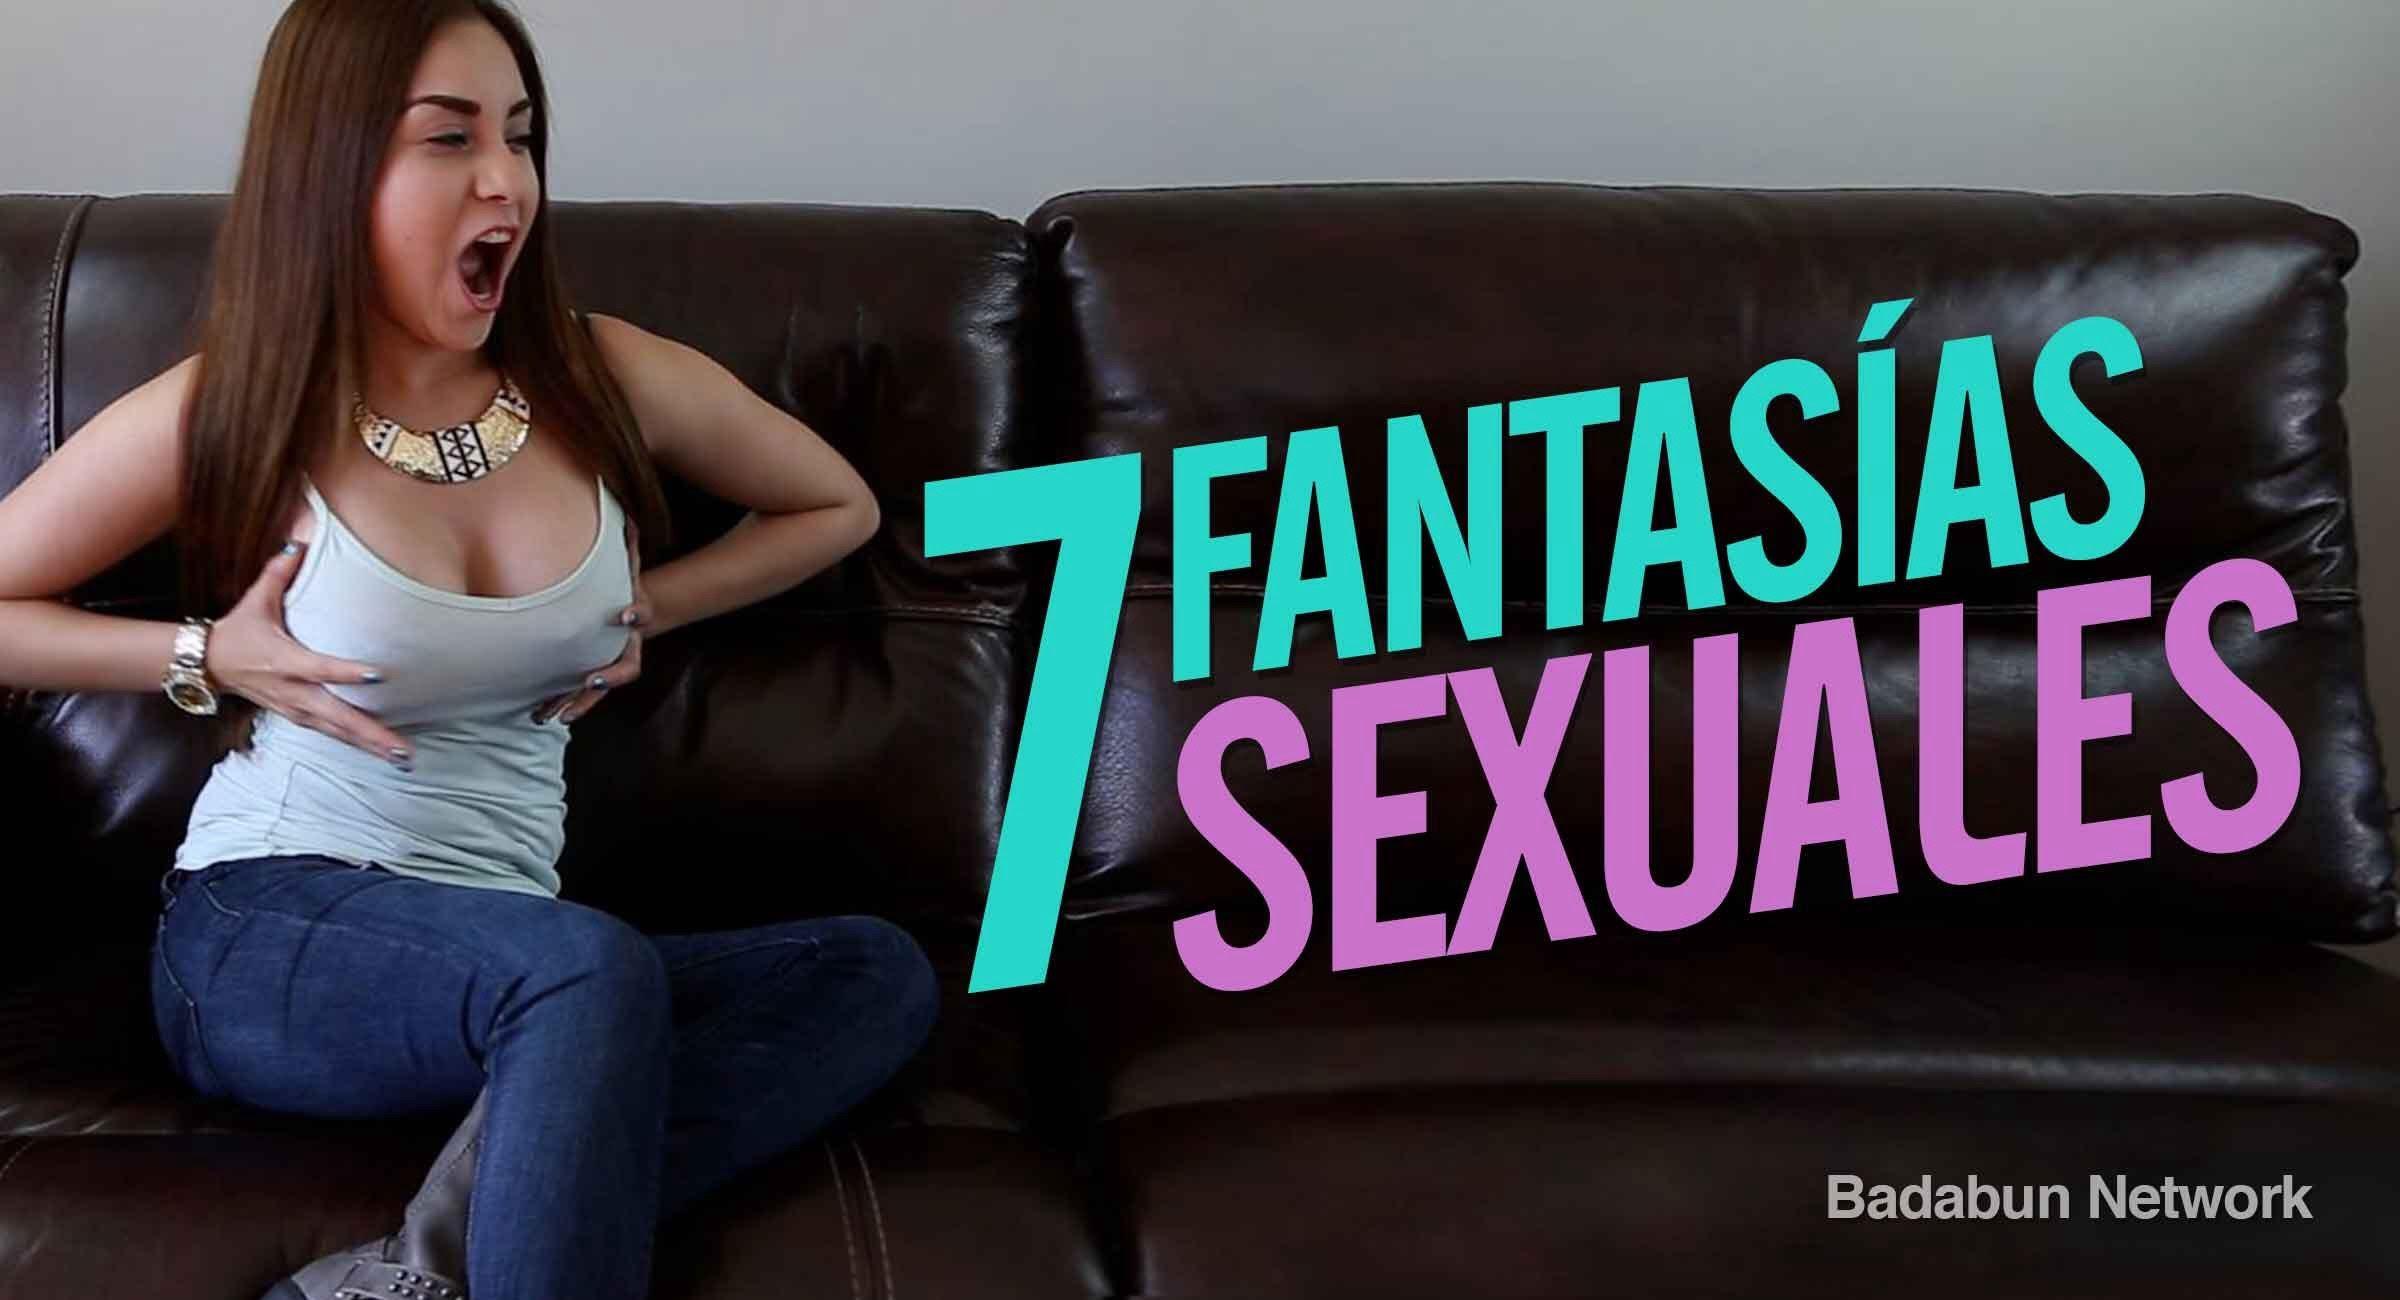 Fantasias sexuales hombres